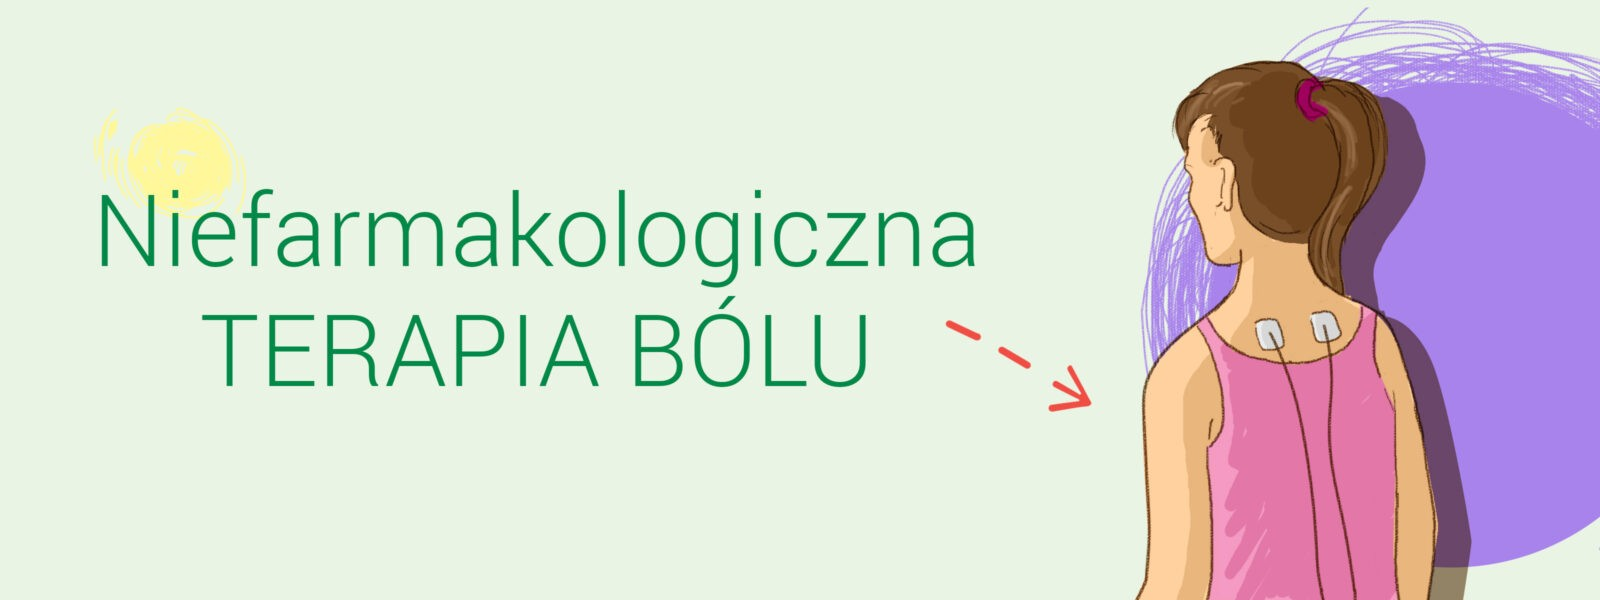 Niefarmakologiczna terapia bólu Fizjoterapia Panaceum Kraków Paweł Czarnocki